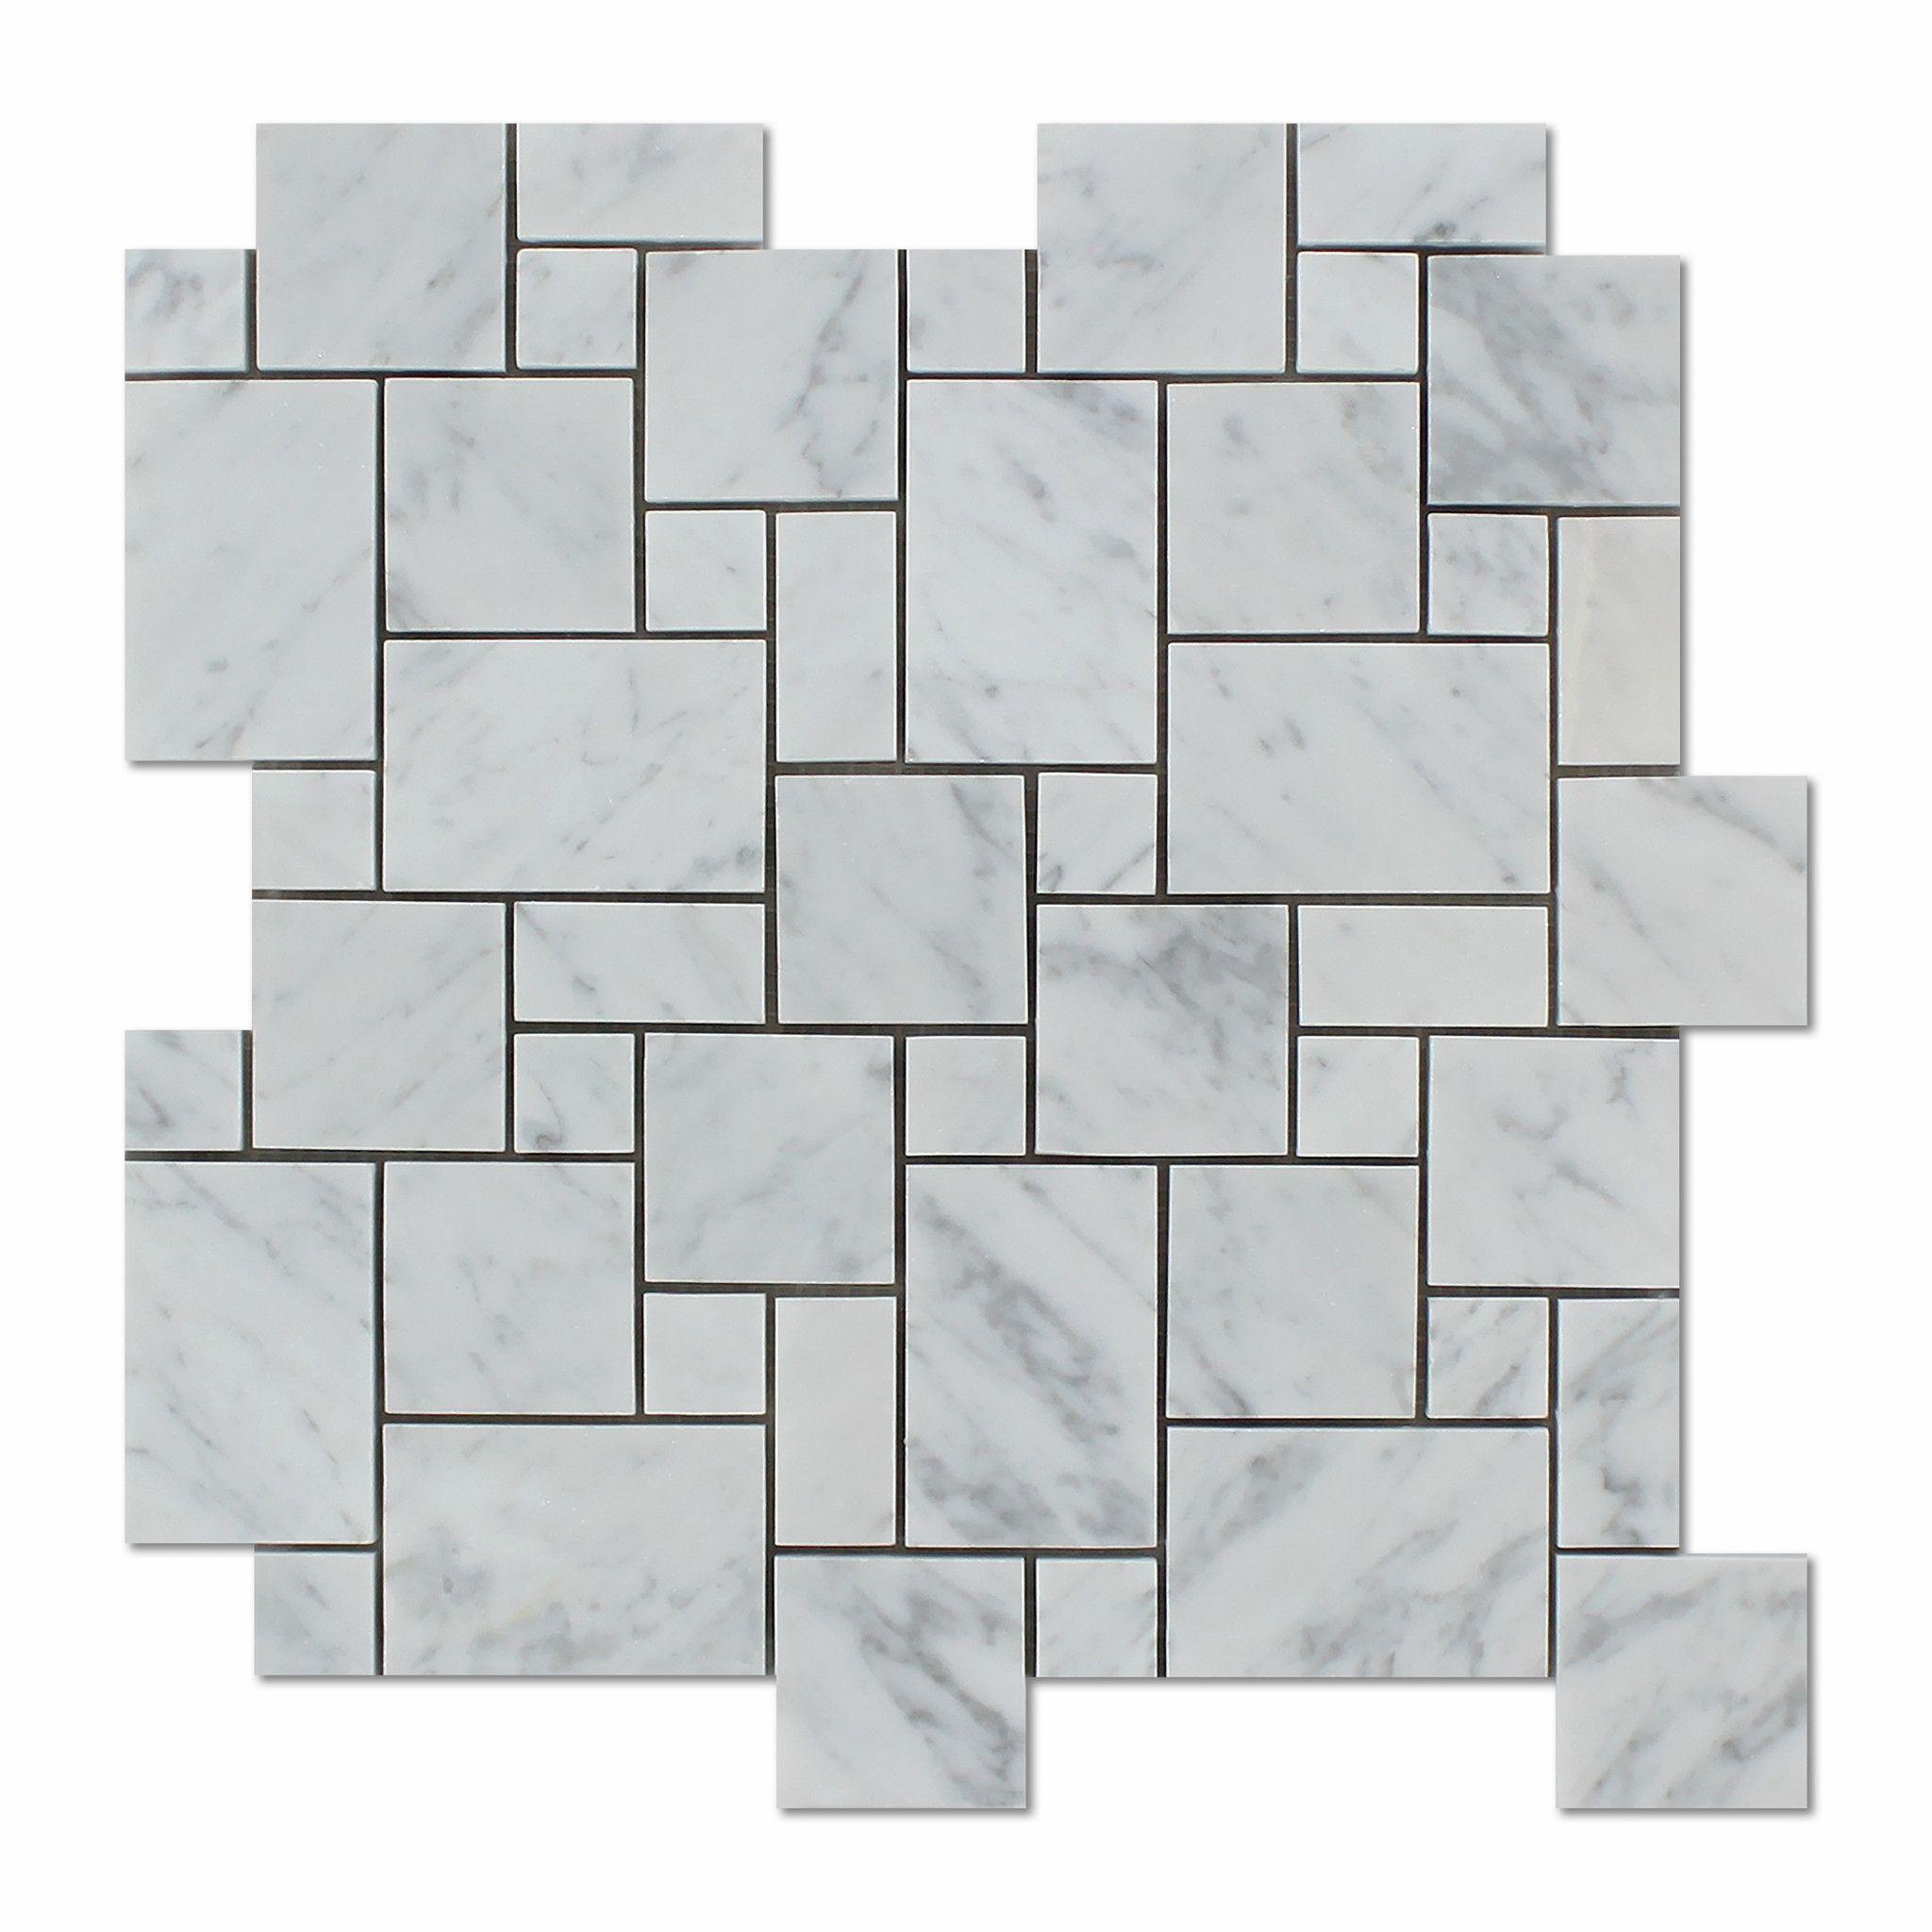 Carrara white marble honed mini versailles mosaic tile white buy carrara white marble honed mini versailles mosaic tile sample product attributes item premium dailygadgetfo Images